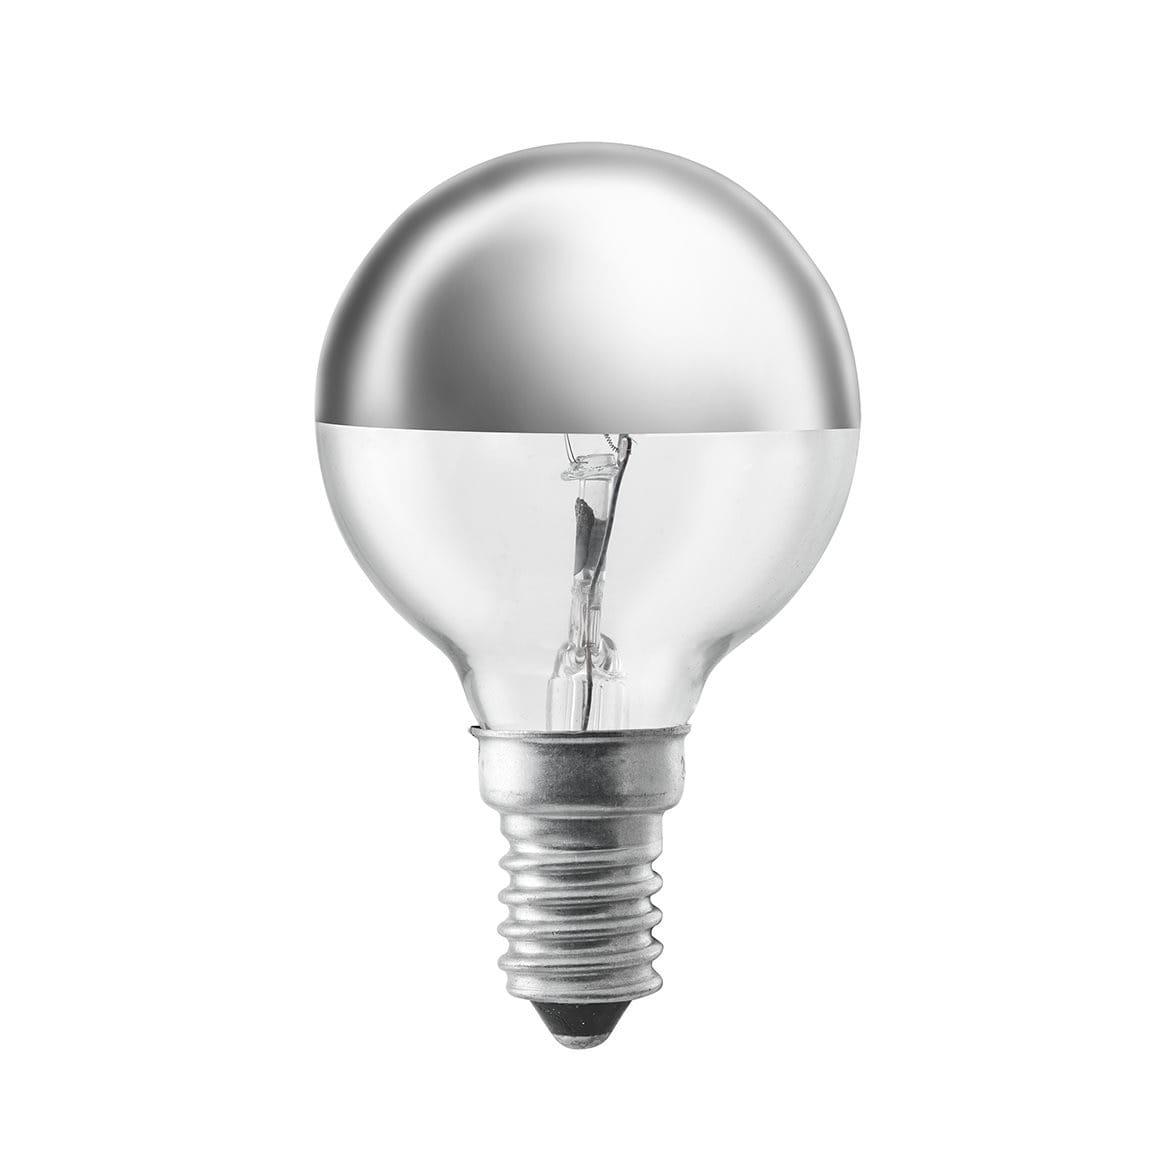 Tpf-klotlampa 25W E14